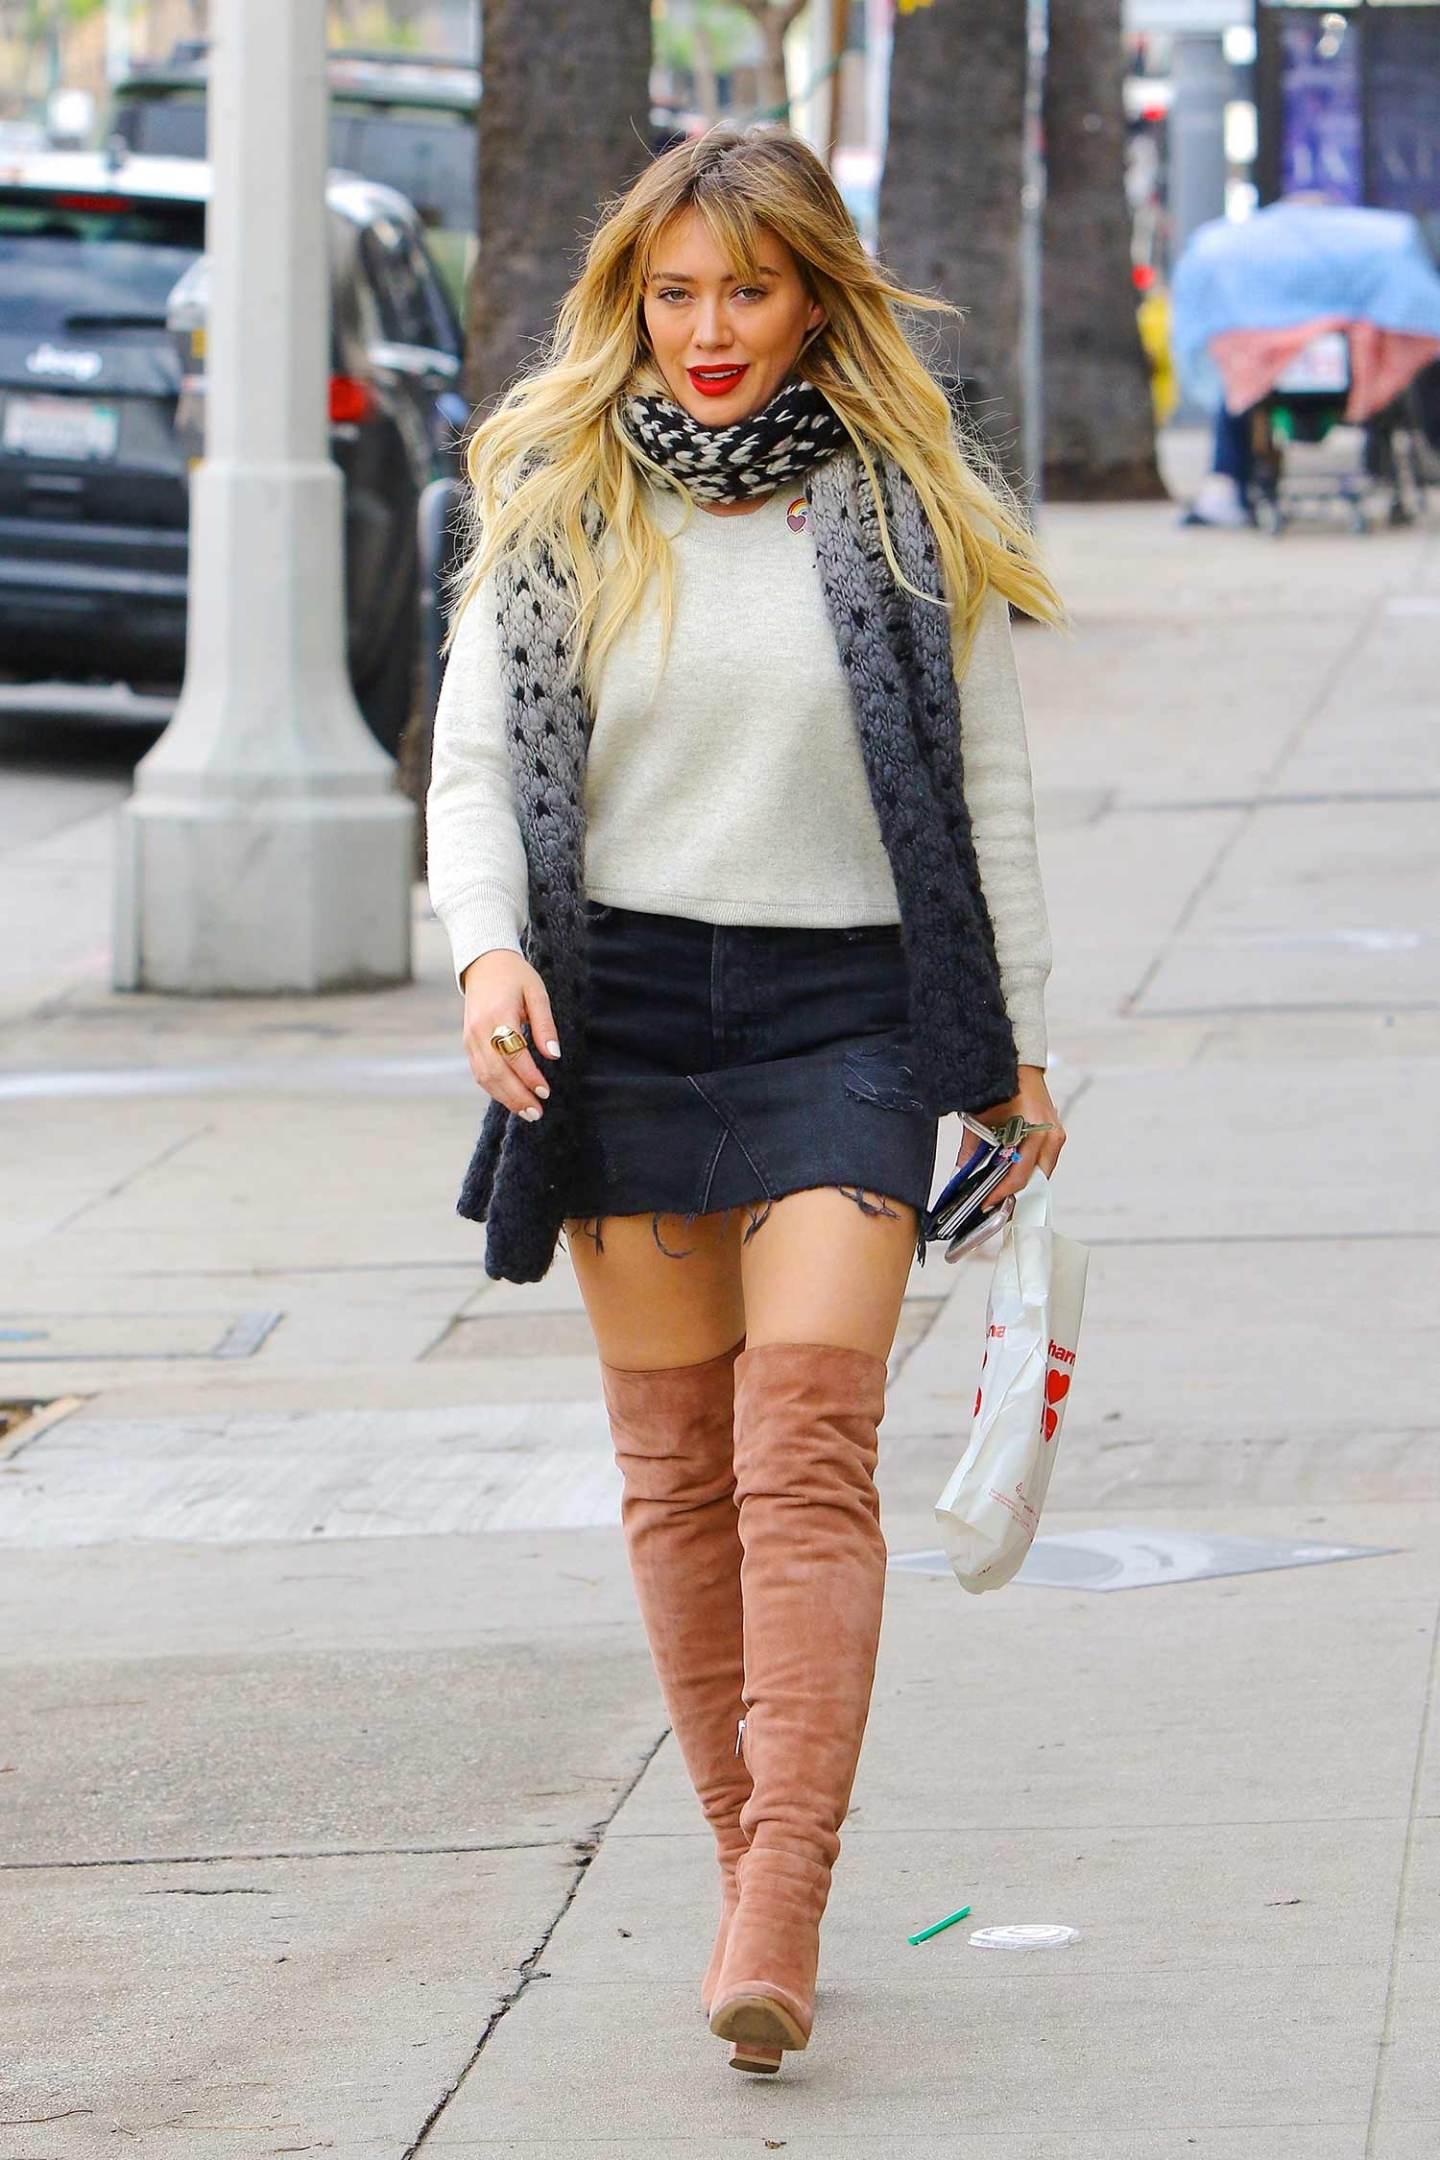 hilary-duff-denim-mini-skirt-with-tall-boots